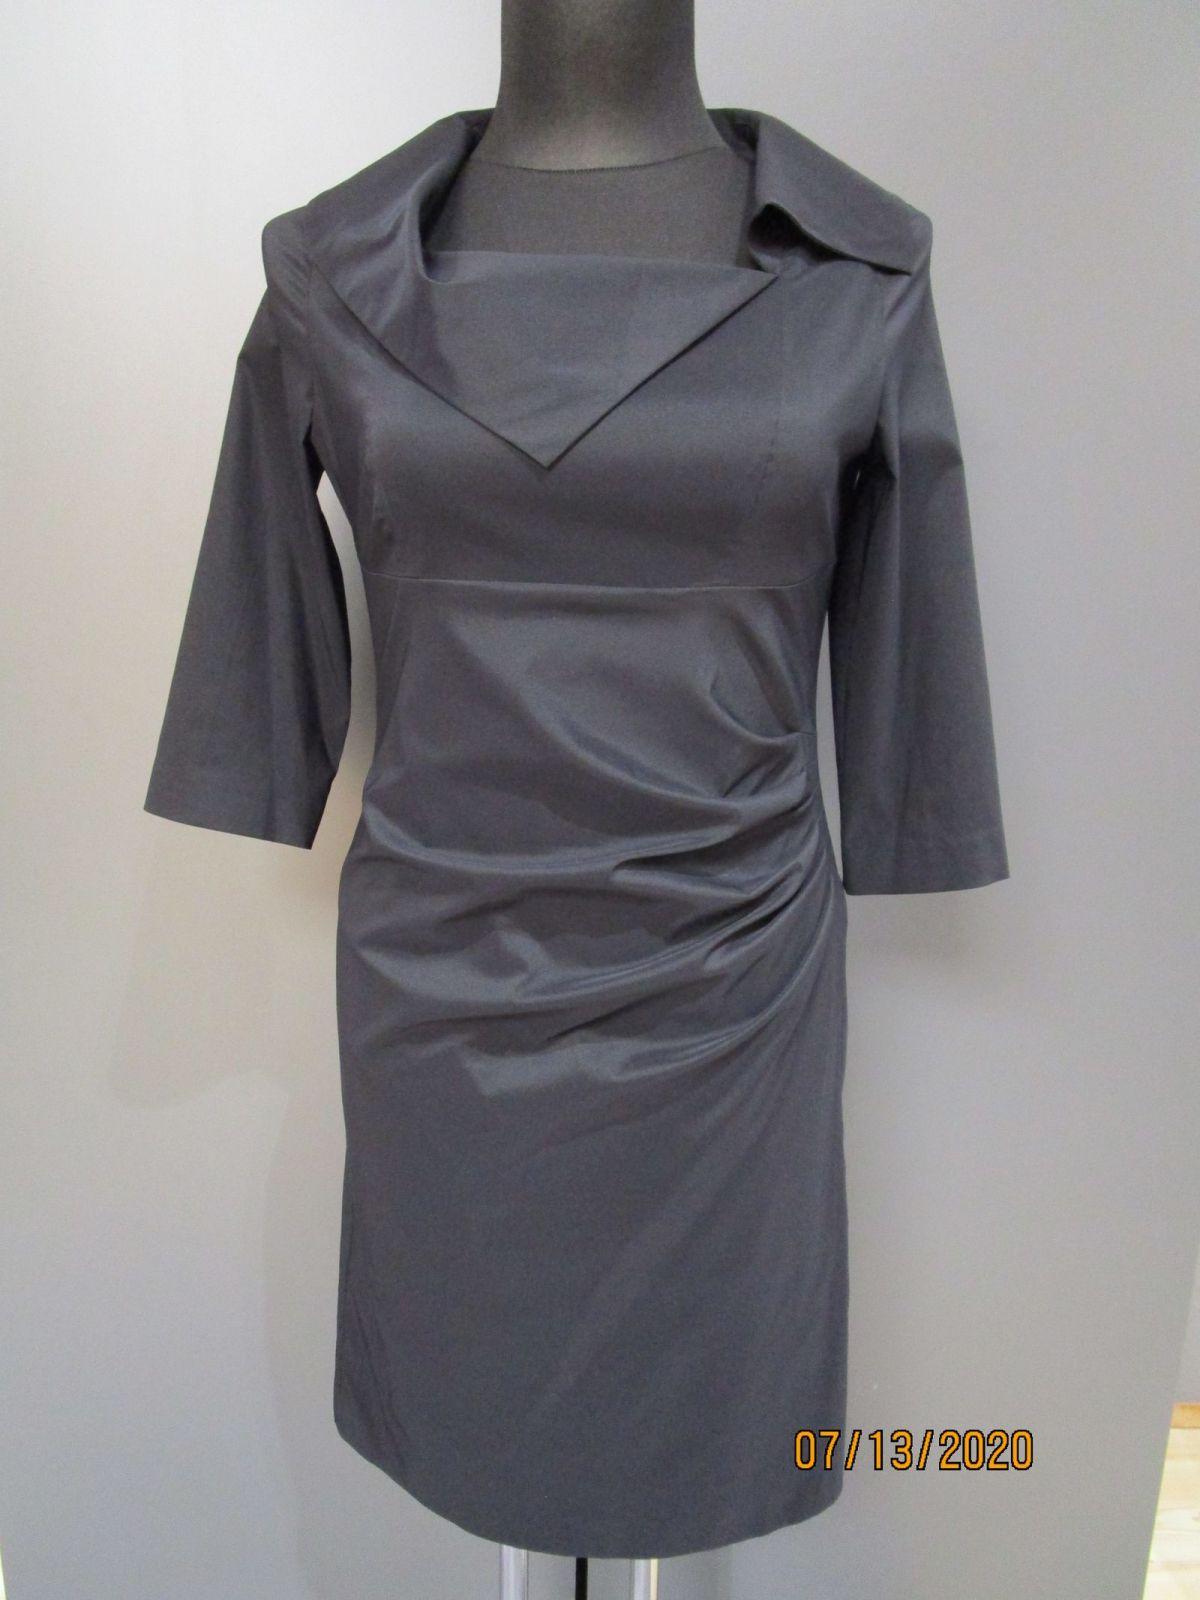 Vera Mont Kleid Etuikleid Cocktailkleid Schwarz Gr 40 Neuwertig S24 123 Ebay